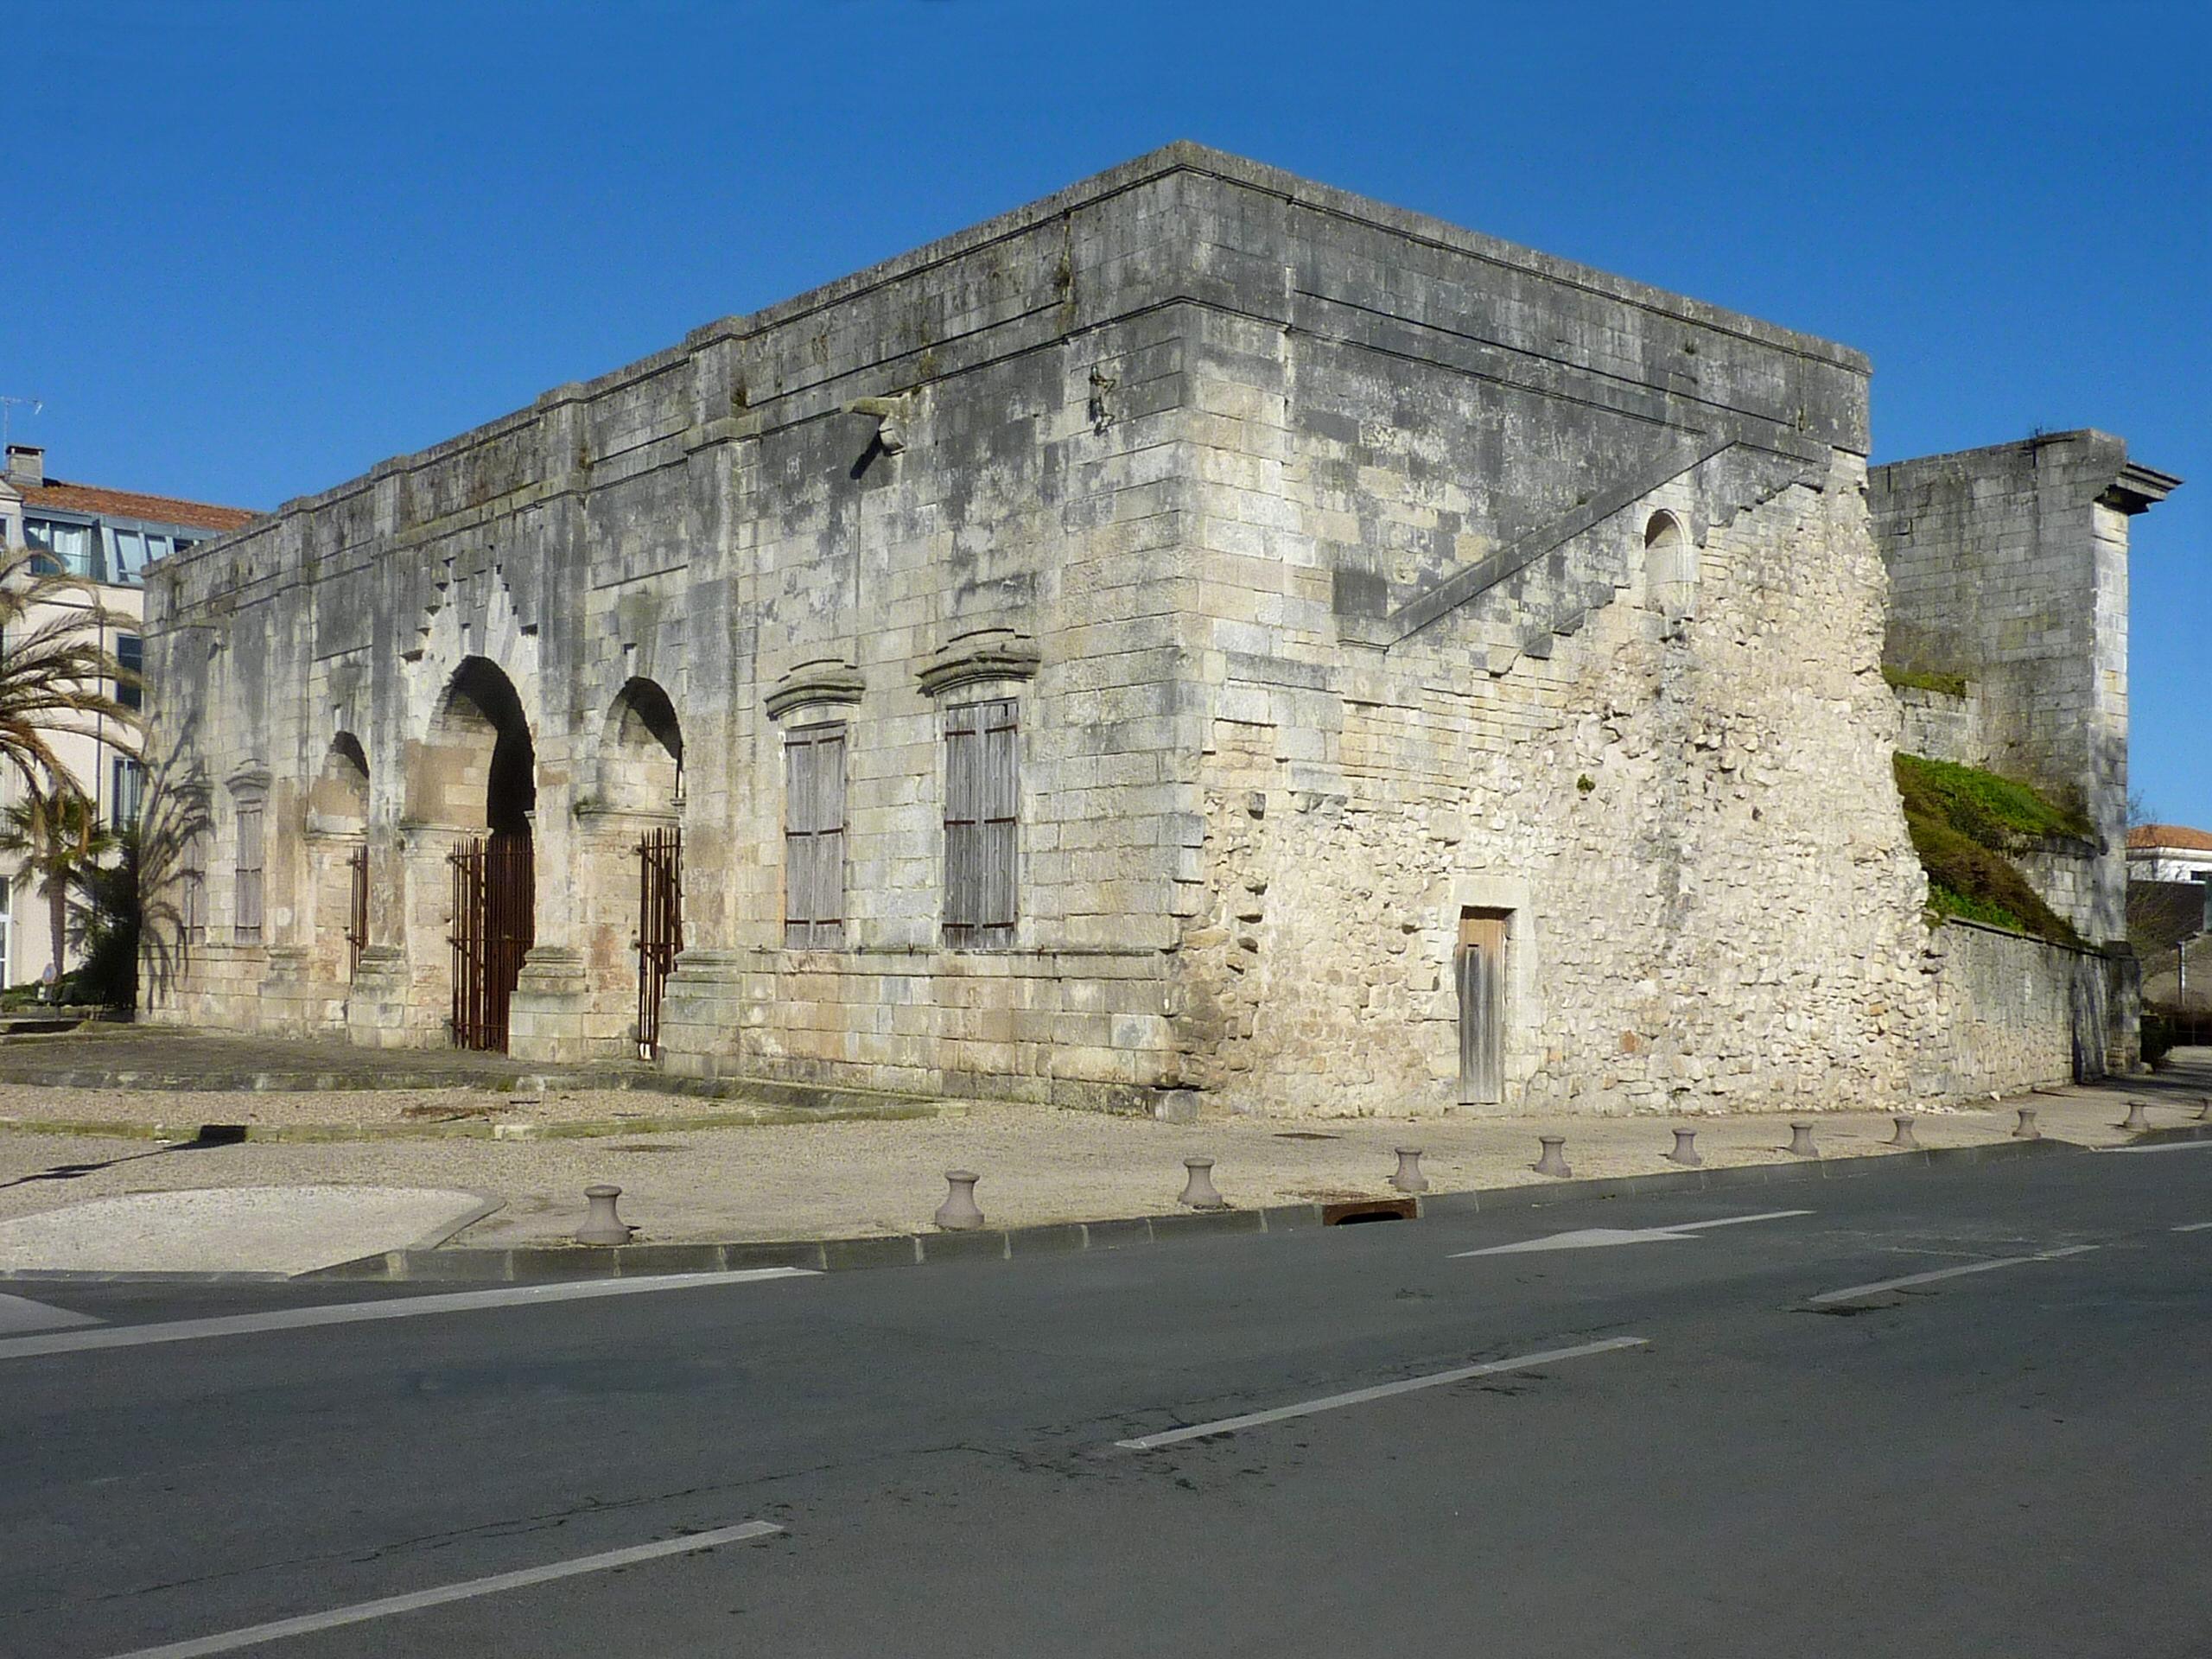 Architecte Interieur La Rochelle fichier:054 - porte royale côté intérieur - la rochelle